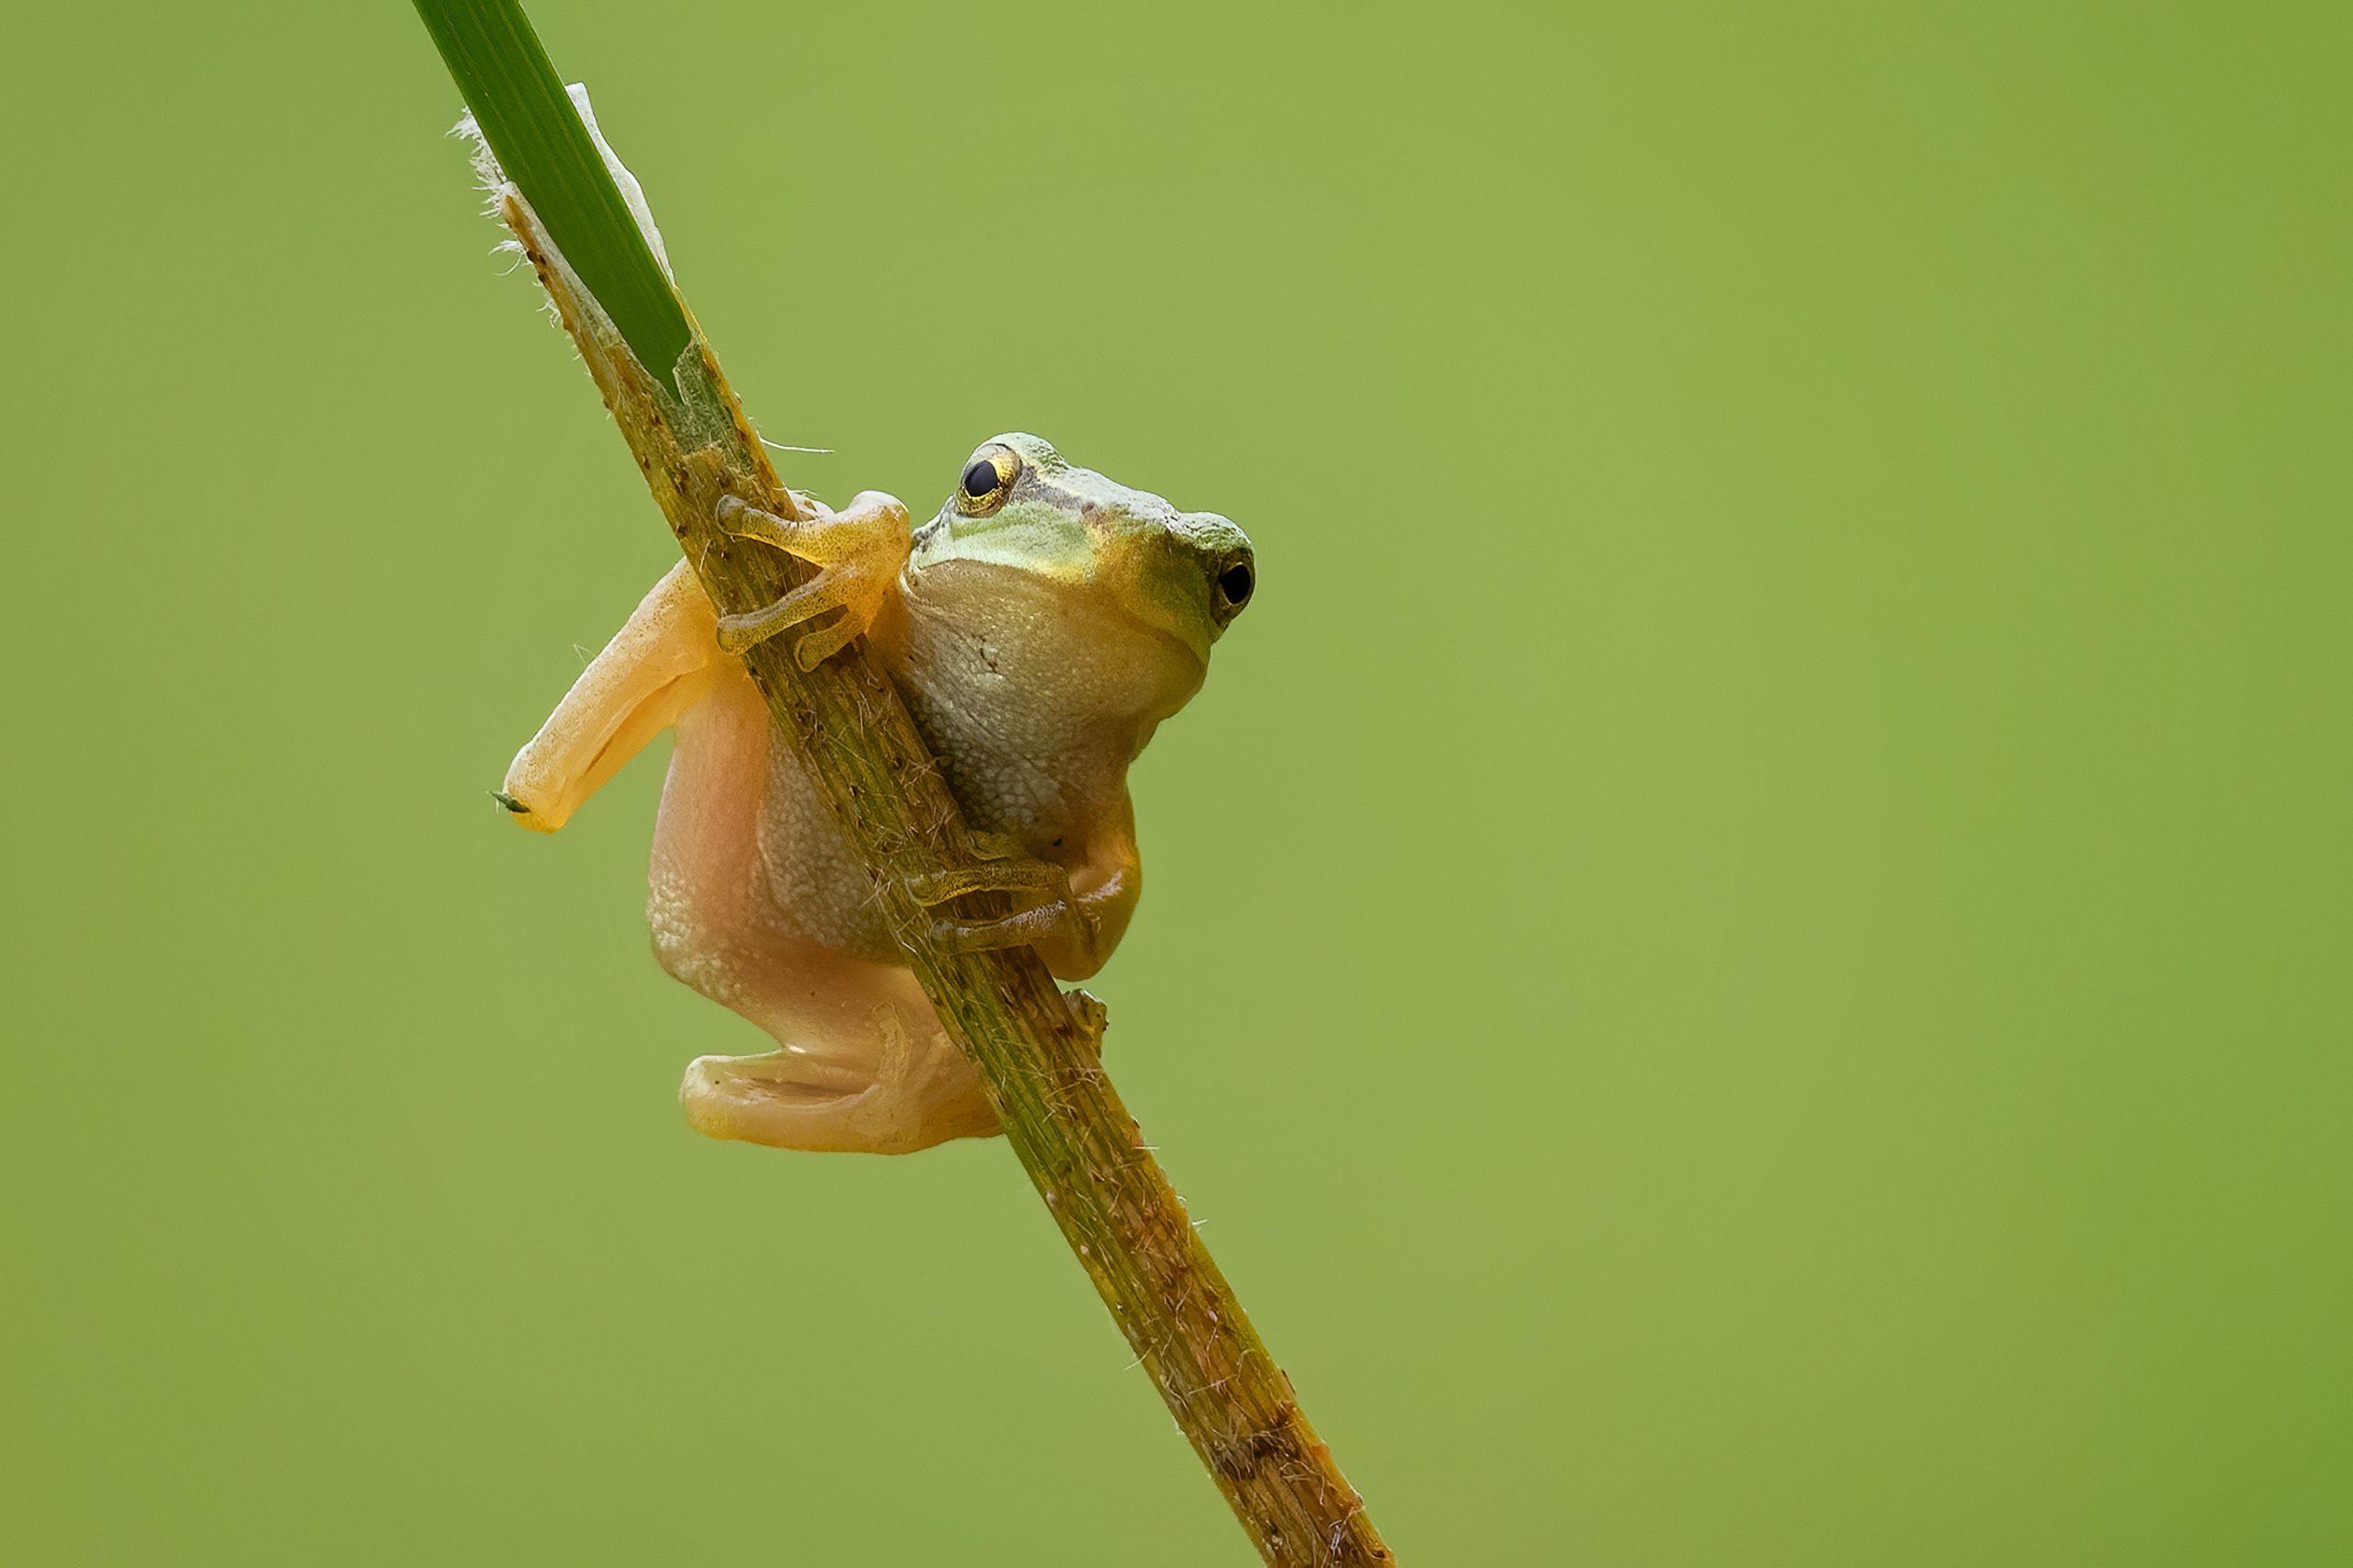 Nueva rana arborícola descubierta en Ecuador es nombrada a través de un  novedoso concurso de jóvenes conservacionistas